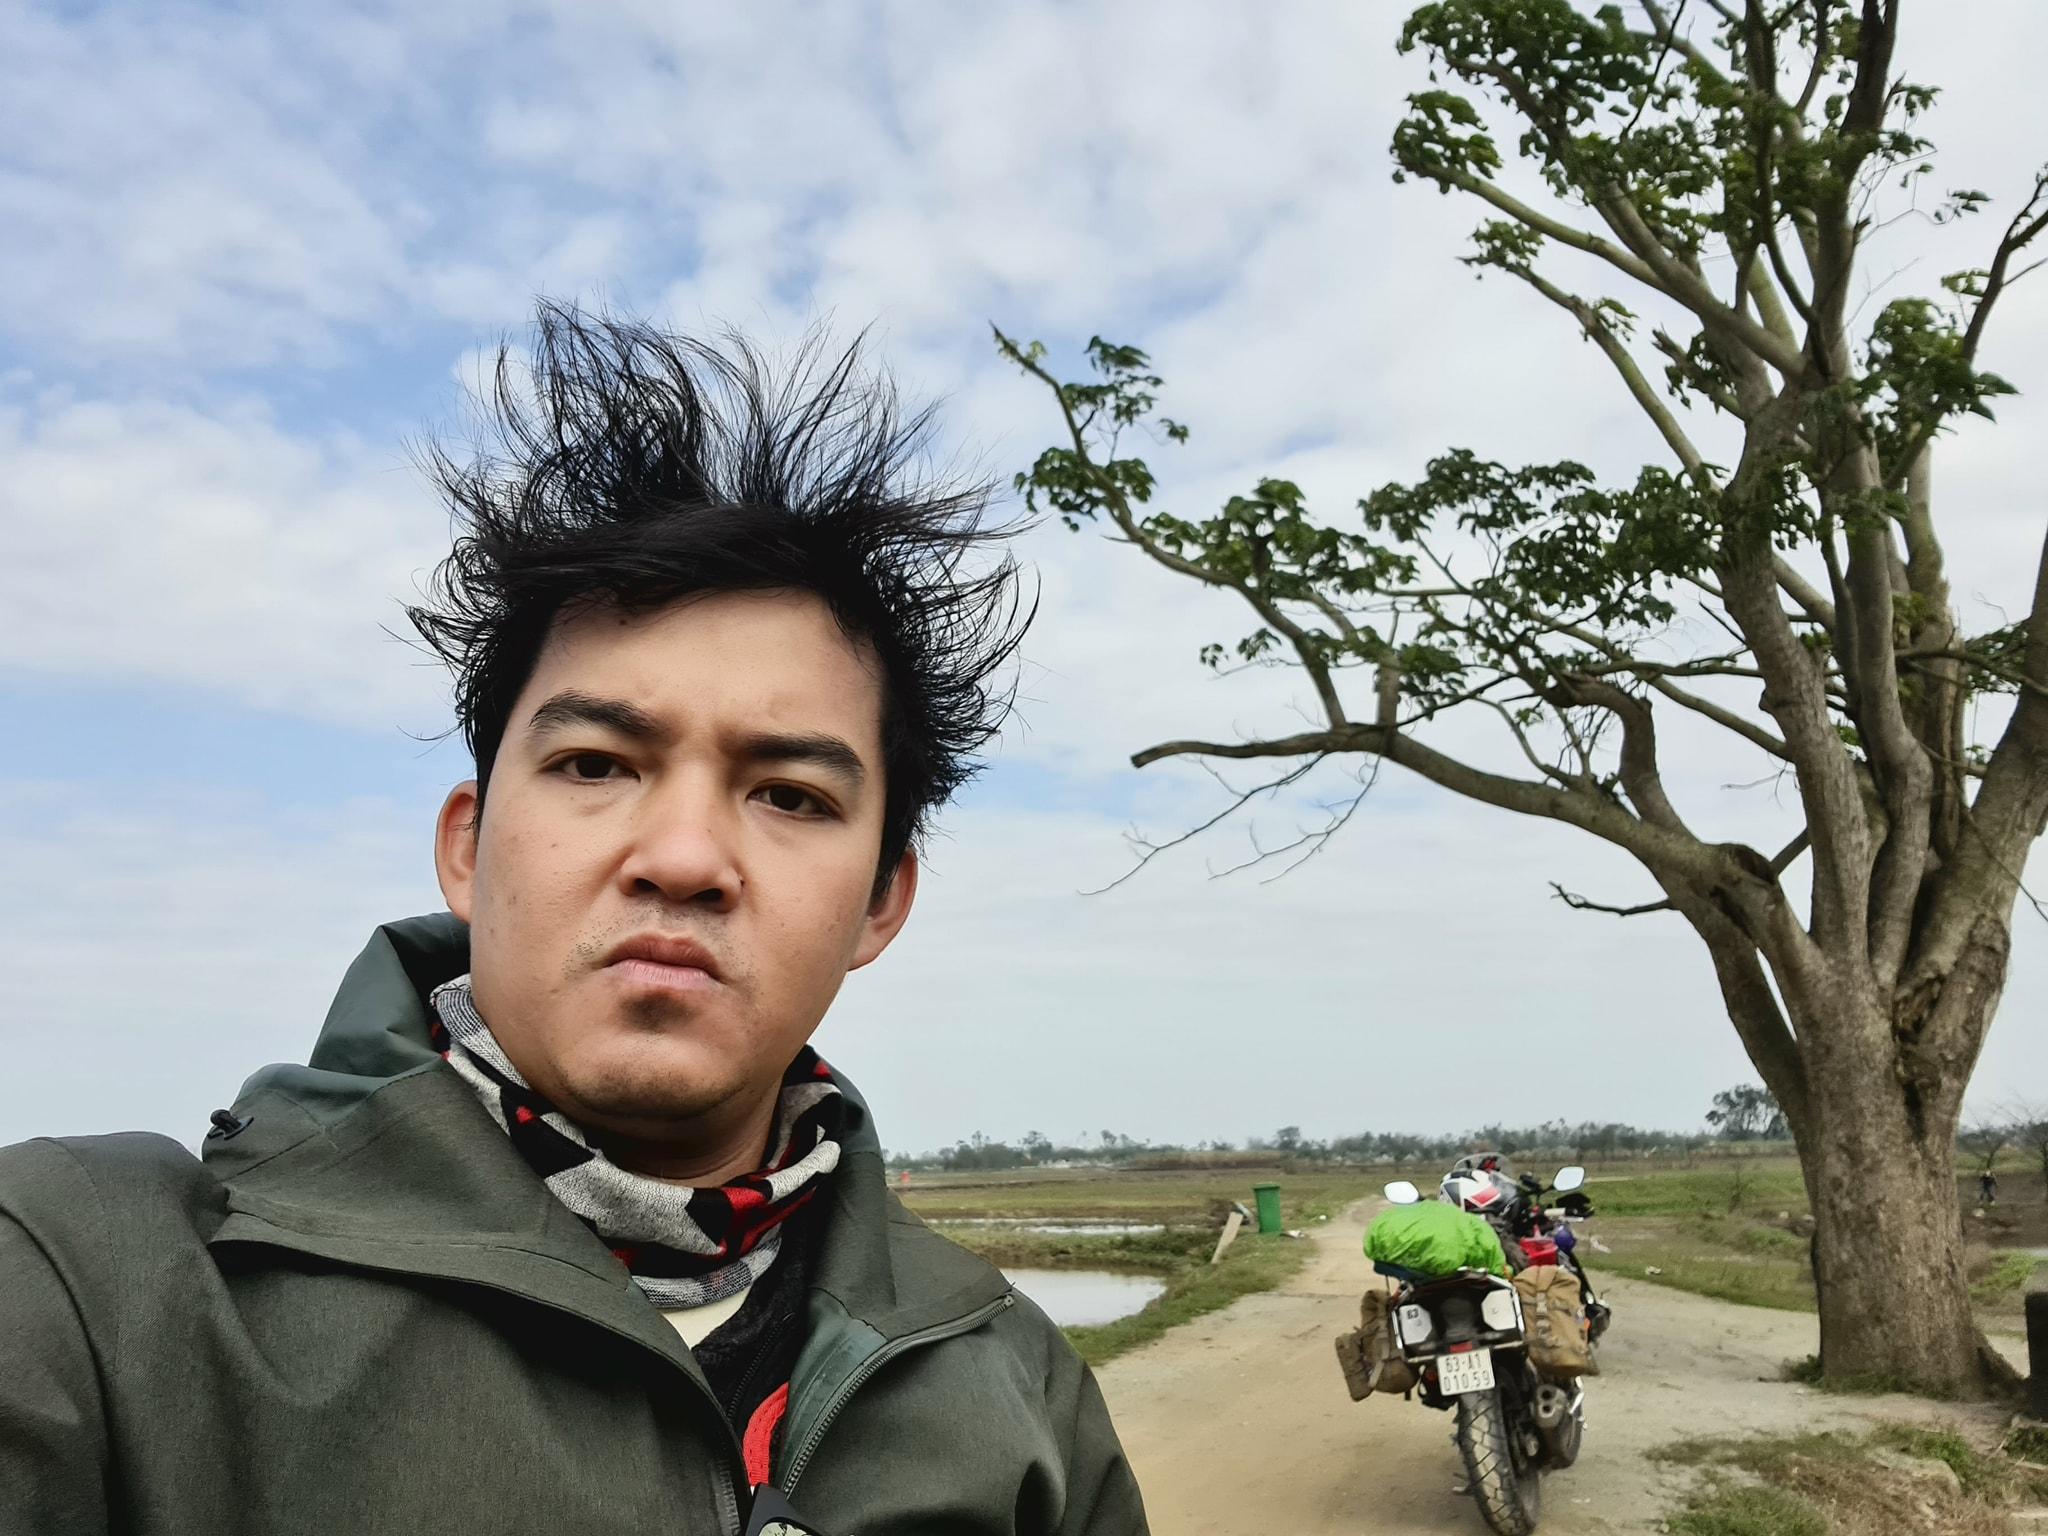 Phượt thủ Trần Đặng Đăng Khoa thực hiện chuyến xuyên Việt đến cây ngô đồng (Mắt Biếc), màn tạo dáng 'cute đến xỉu' 1